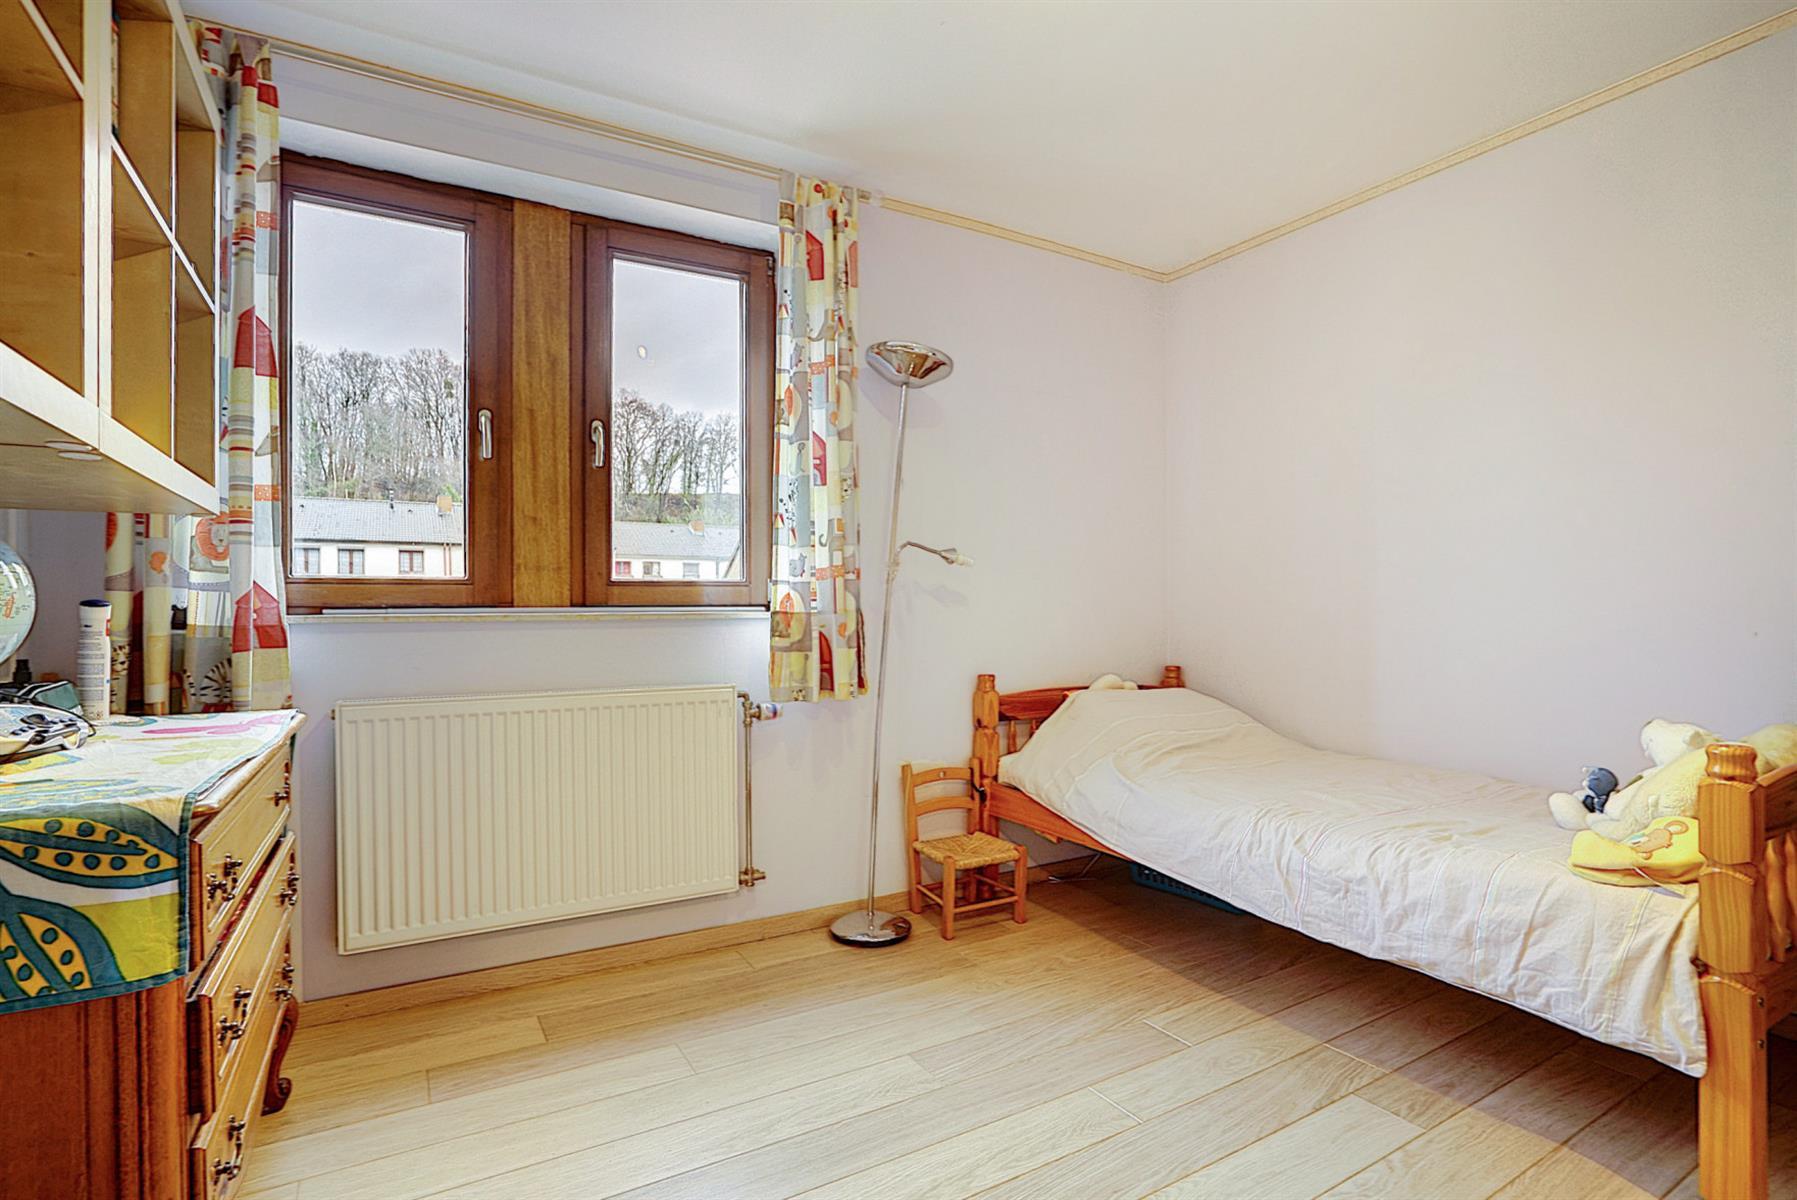 Maison - Mont-saint-guibert - #4230231-22